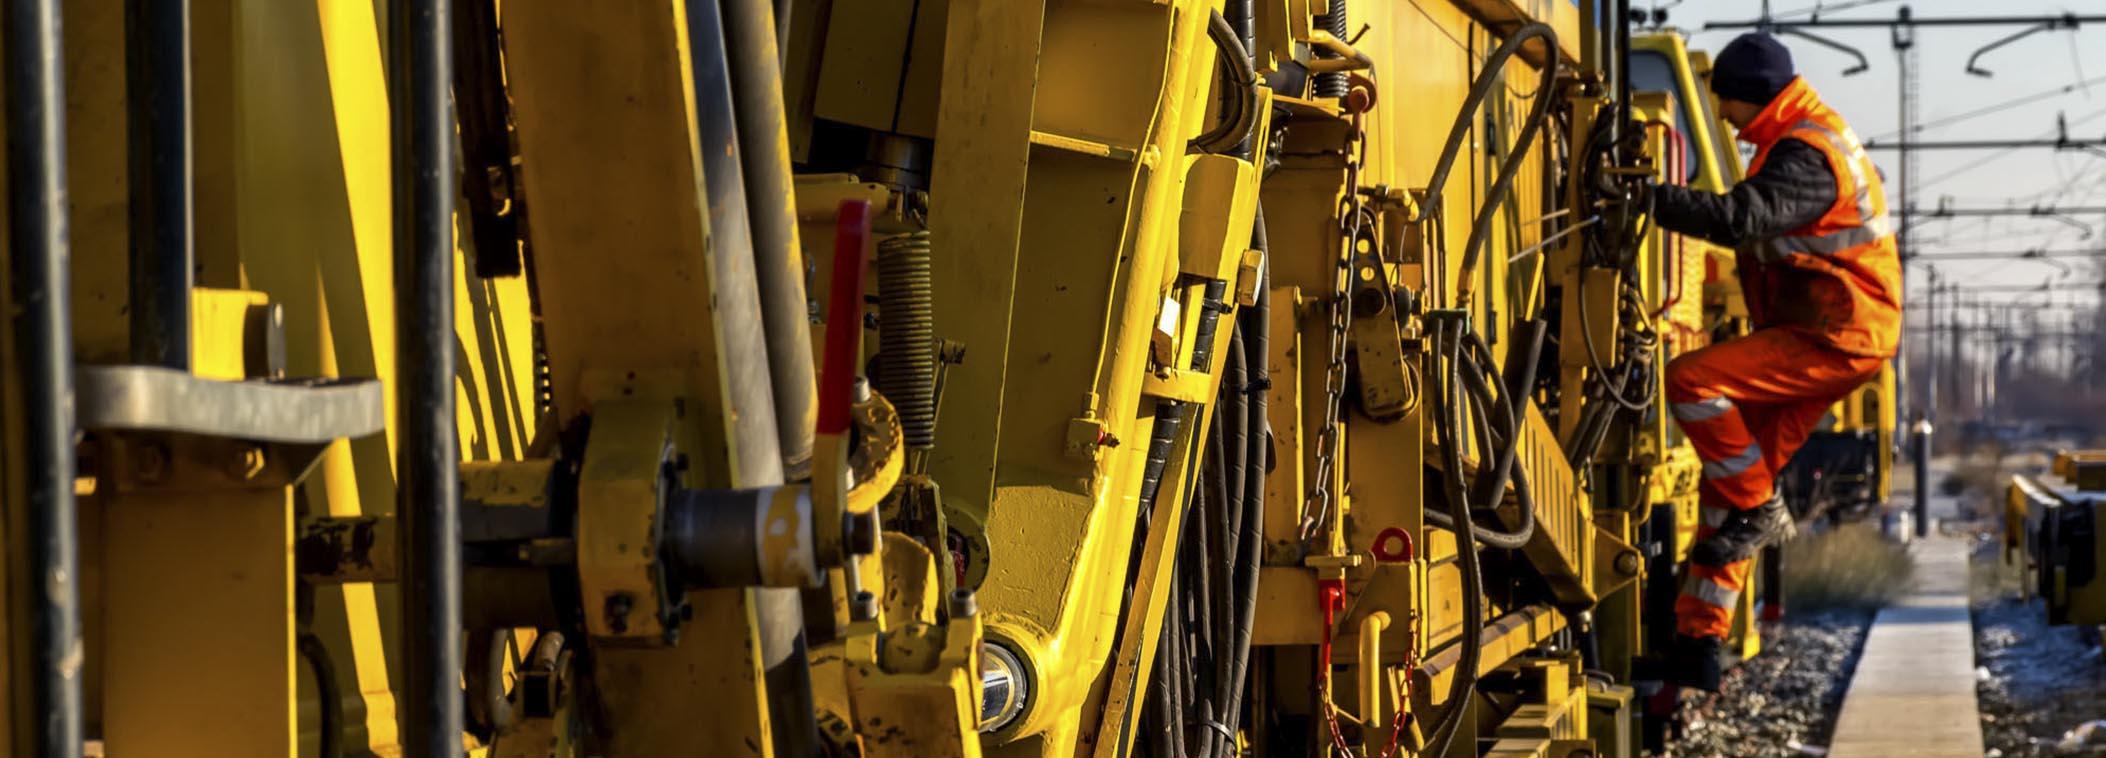 contatti-sigifer-costruzione-impianti-ferroviari-armamento-ferroviario.jpg